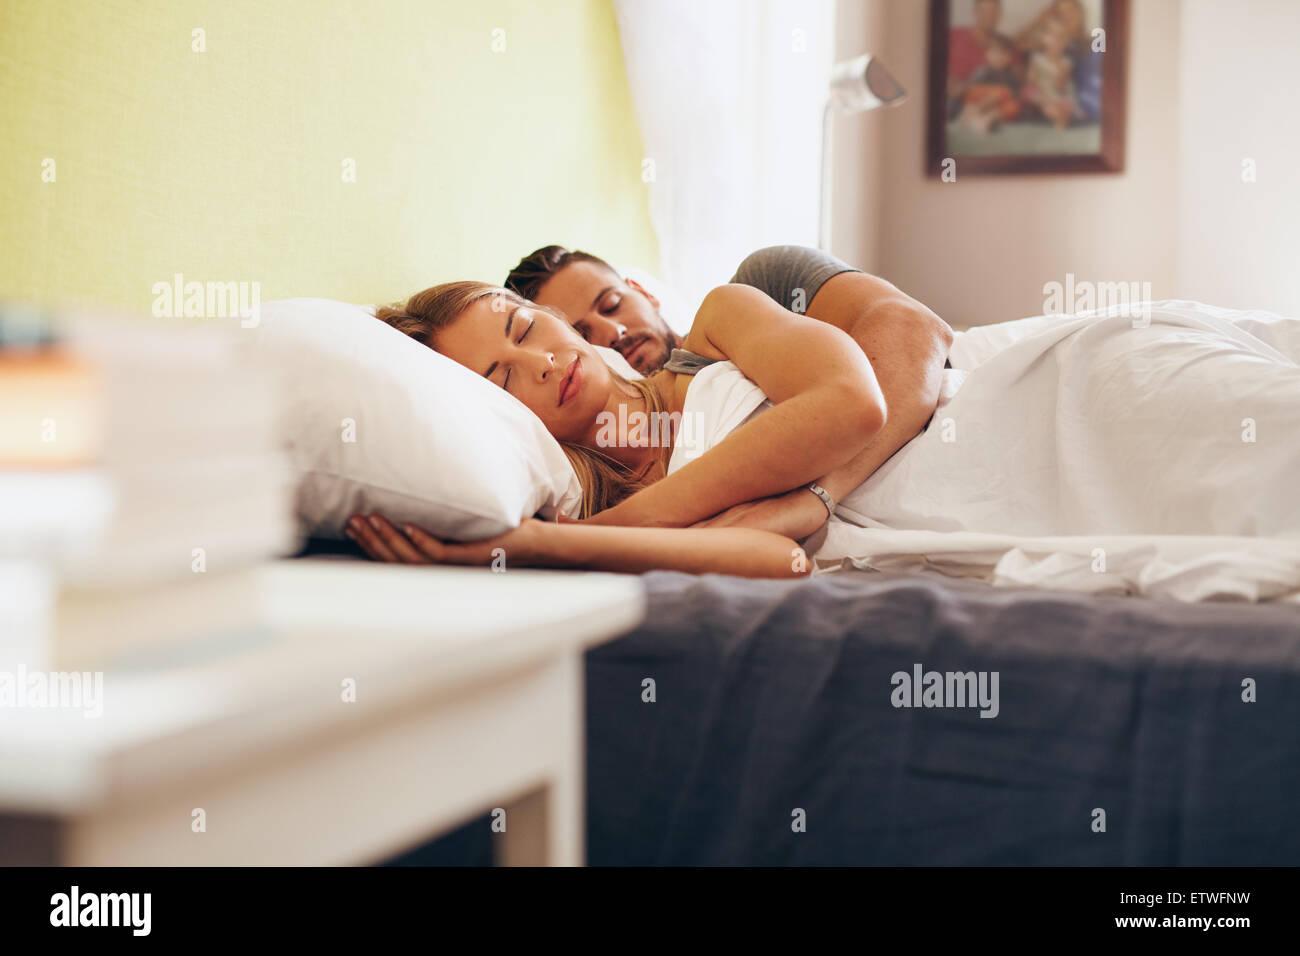 Junge Erwachsene paar friedlich schlafend auf dem Bett im Schlafzimmer. Junger Mann umfassenden Frau liegend schlafend Stockbild